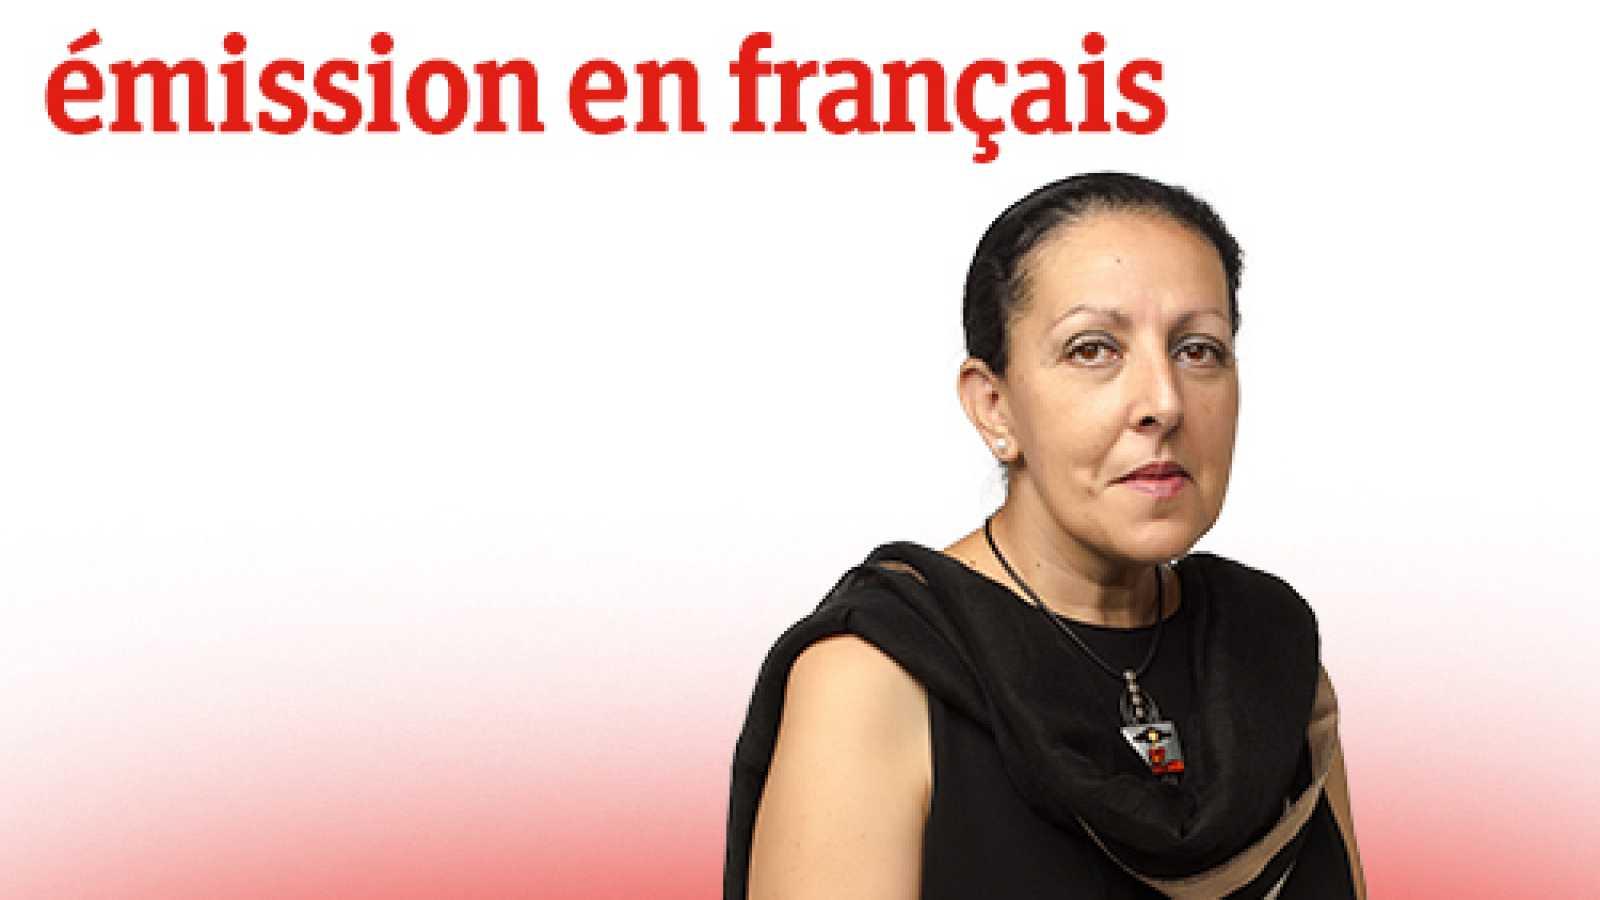 Emission en Français - Avila, sur le chemin du castillan - 01/10/20 - Escuchar ahora